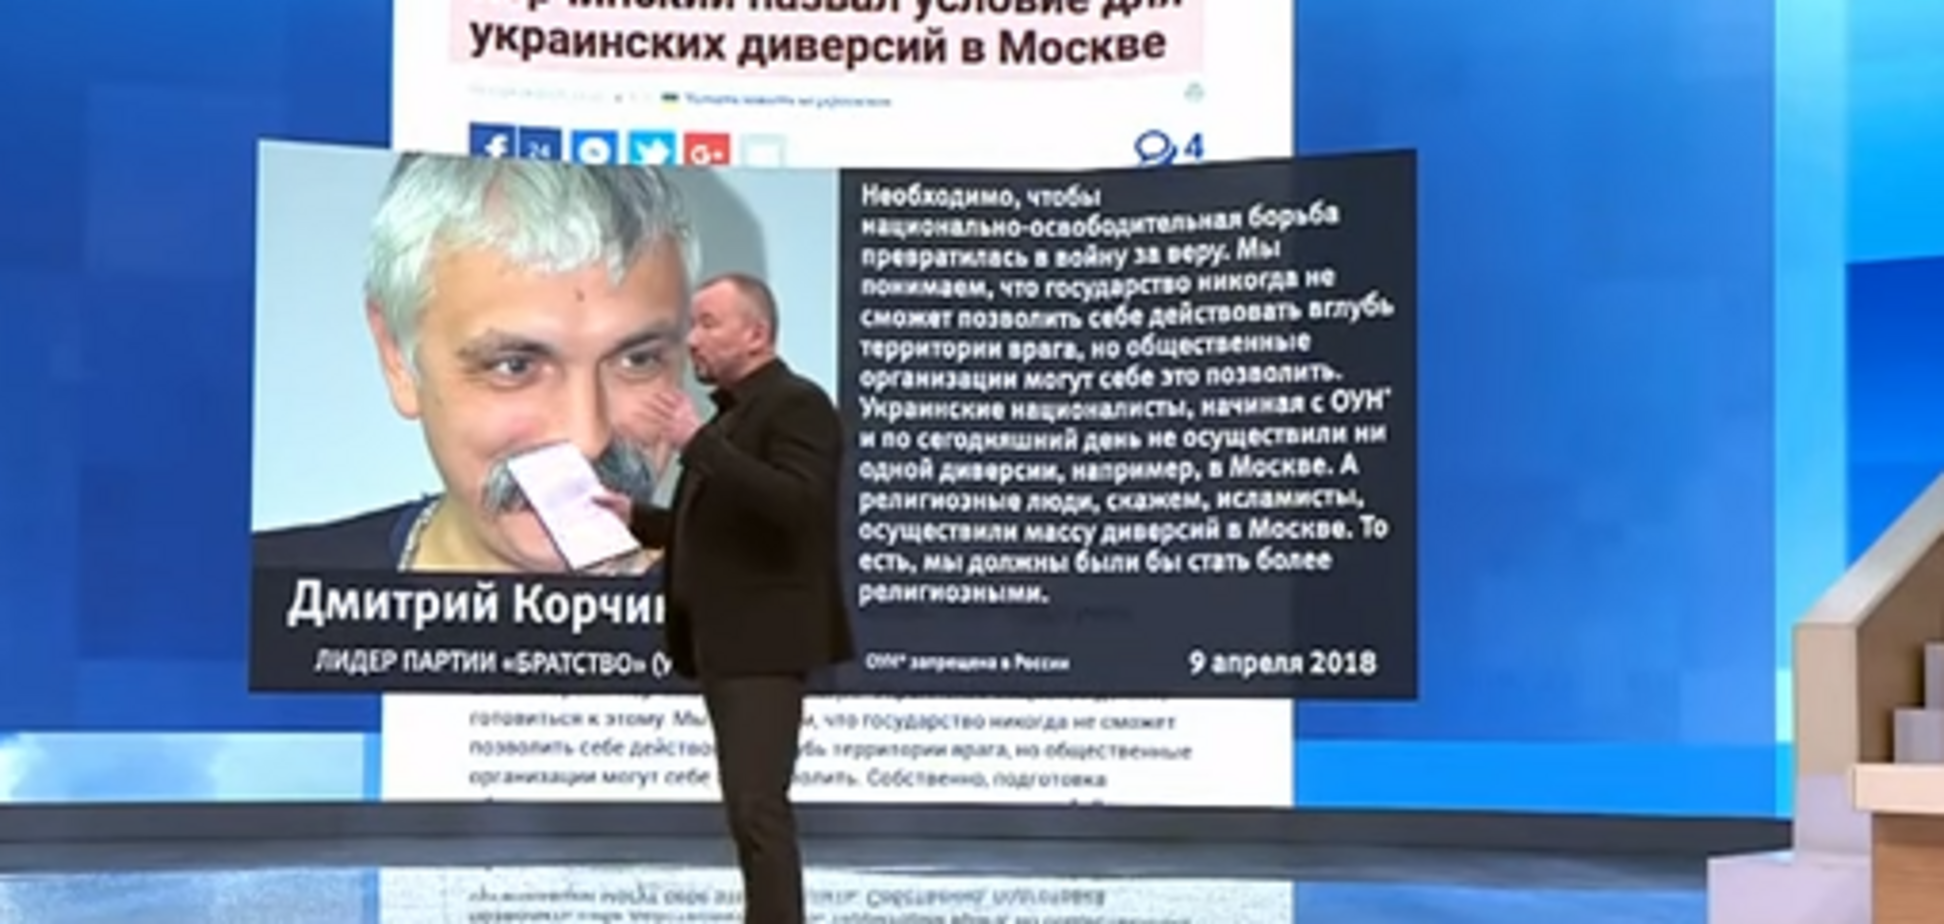 'Боїмося терактів': на російському ТБ забили на сполох через 'диверсії' України